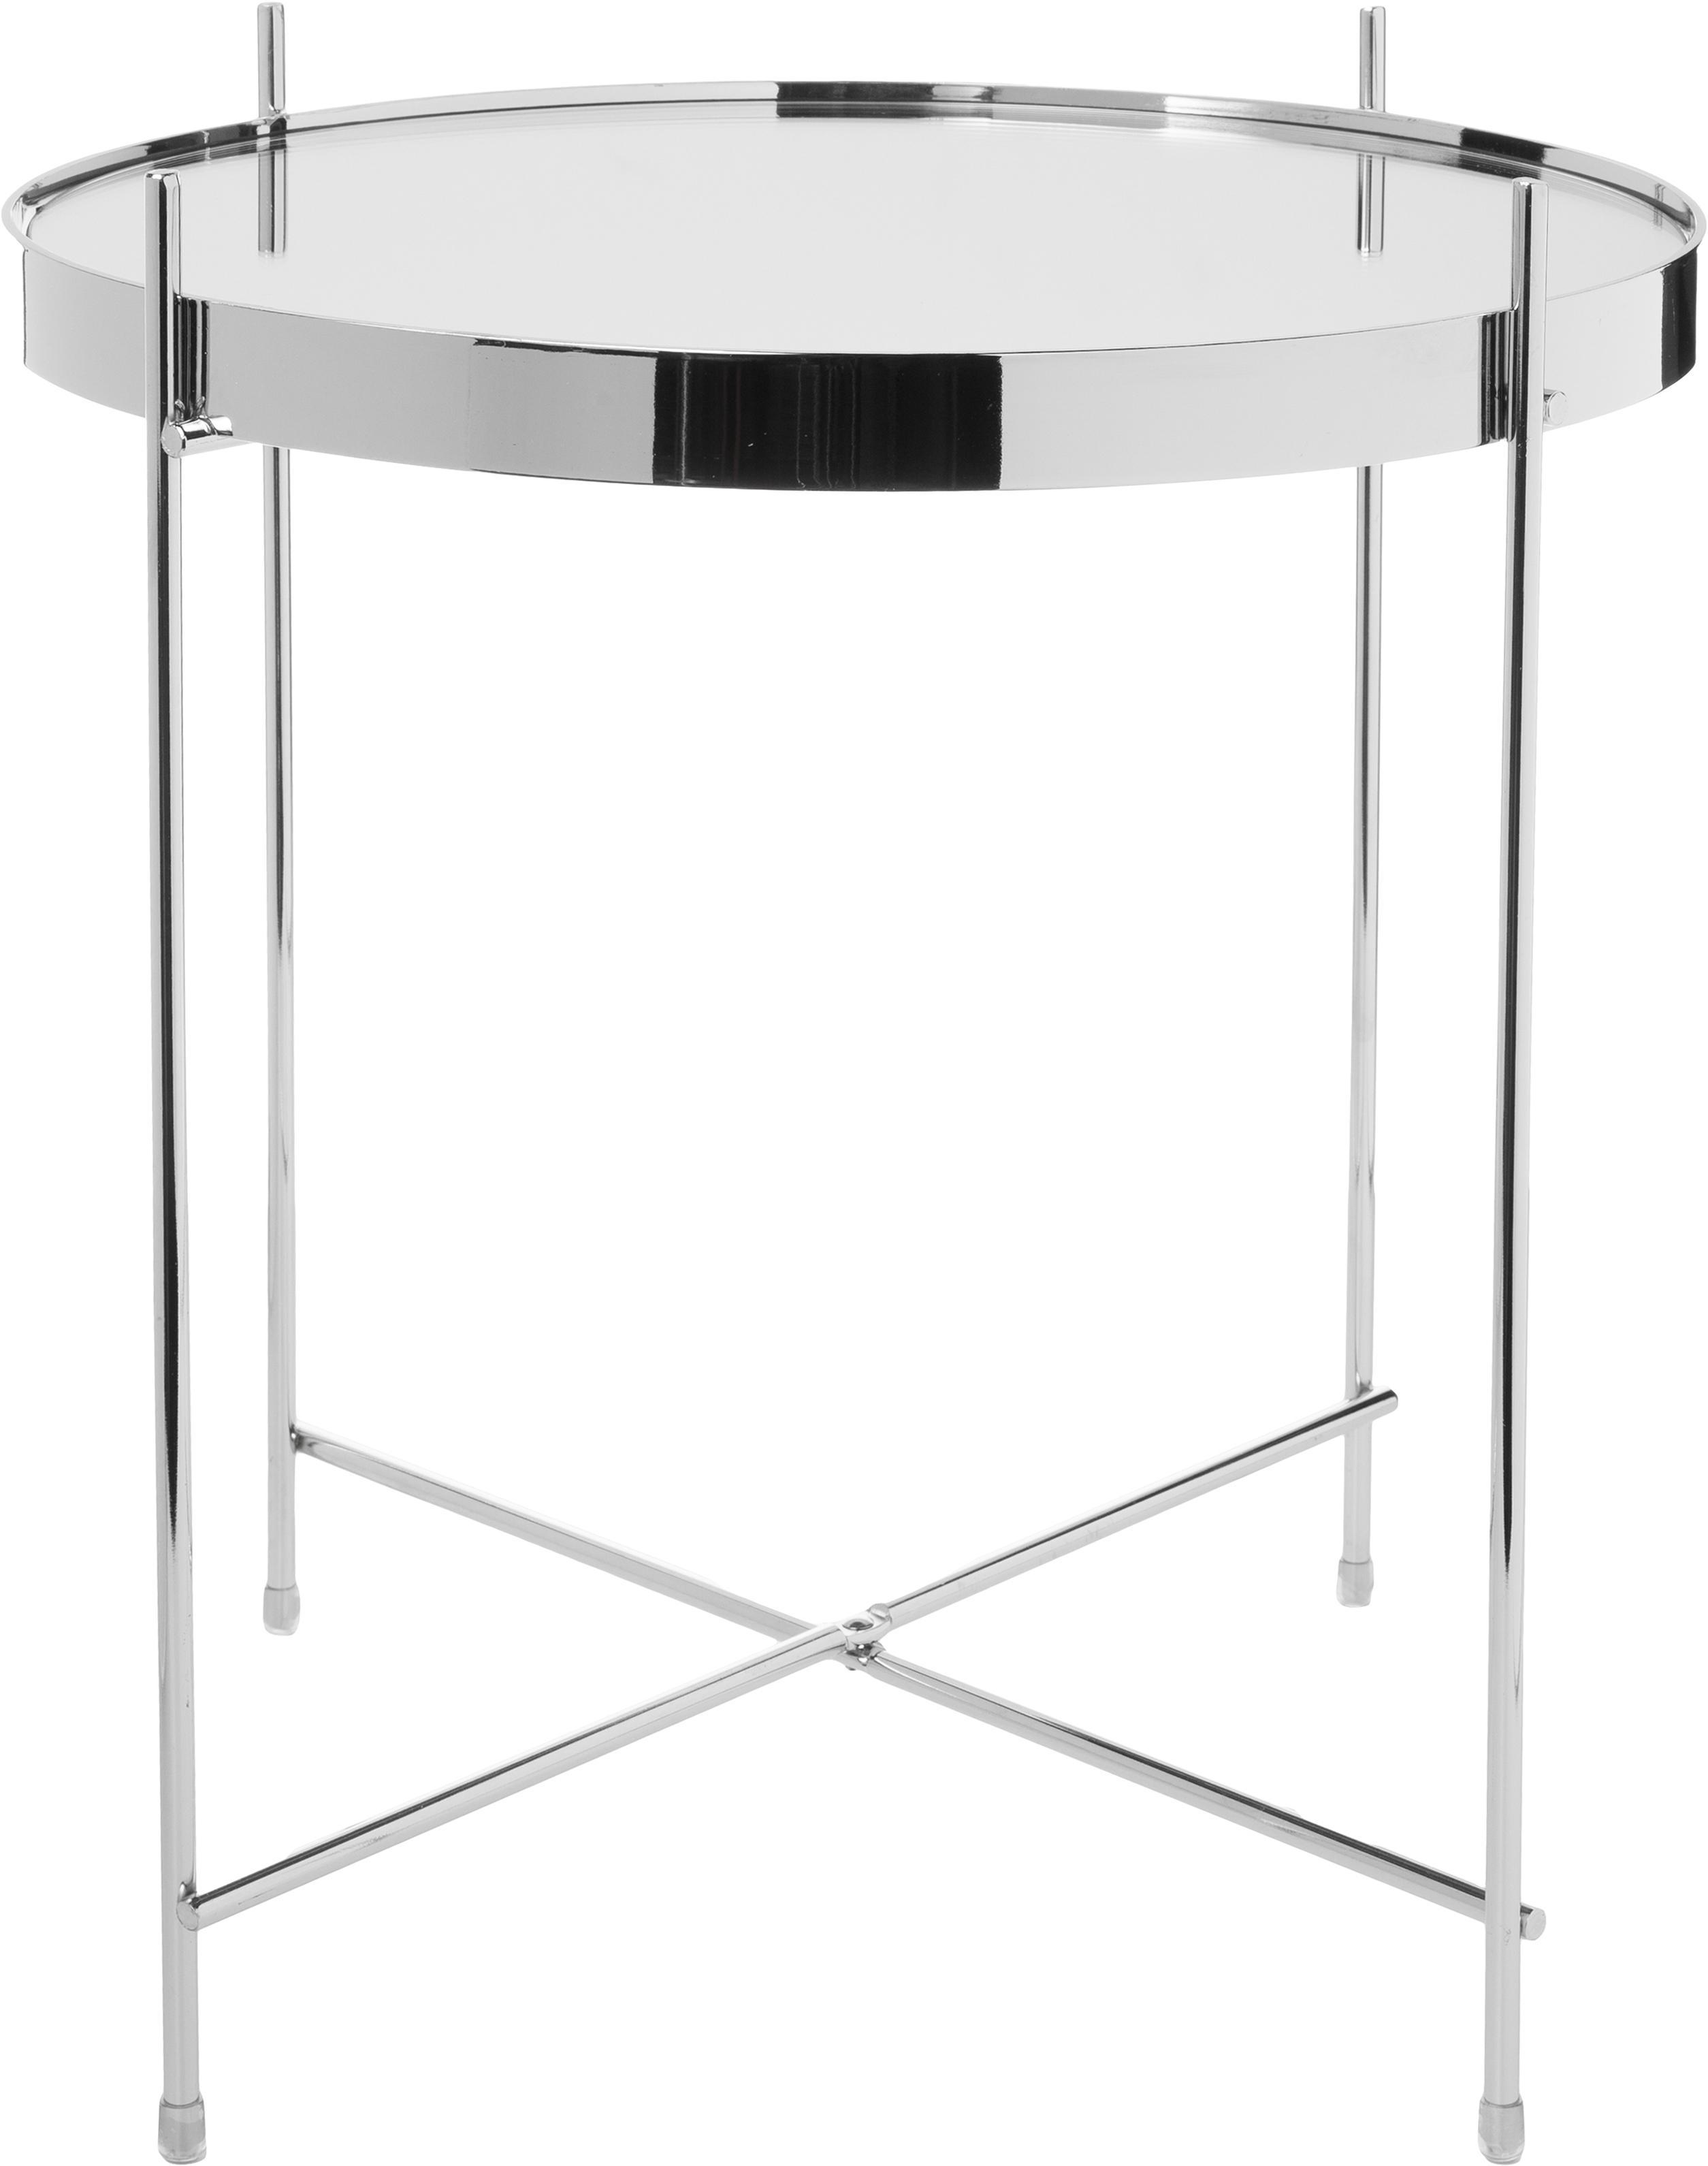 Bijzettafel Cupid met glazen tafelblad, Frame: verchroomd ijzer, Tafelblad: veiligheidsglas, Zilverkleurig, Ø 43 x H 45 cm